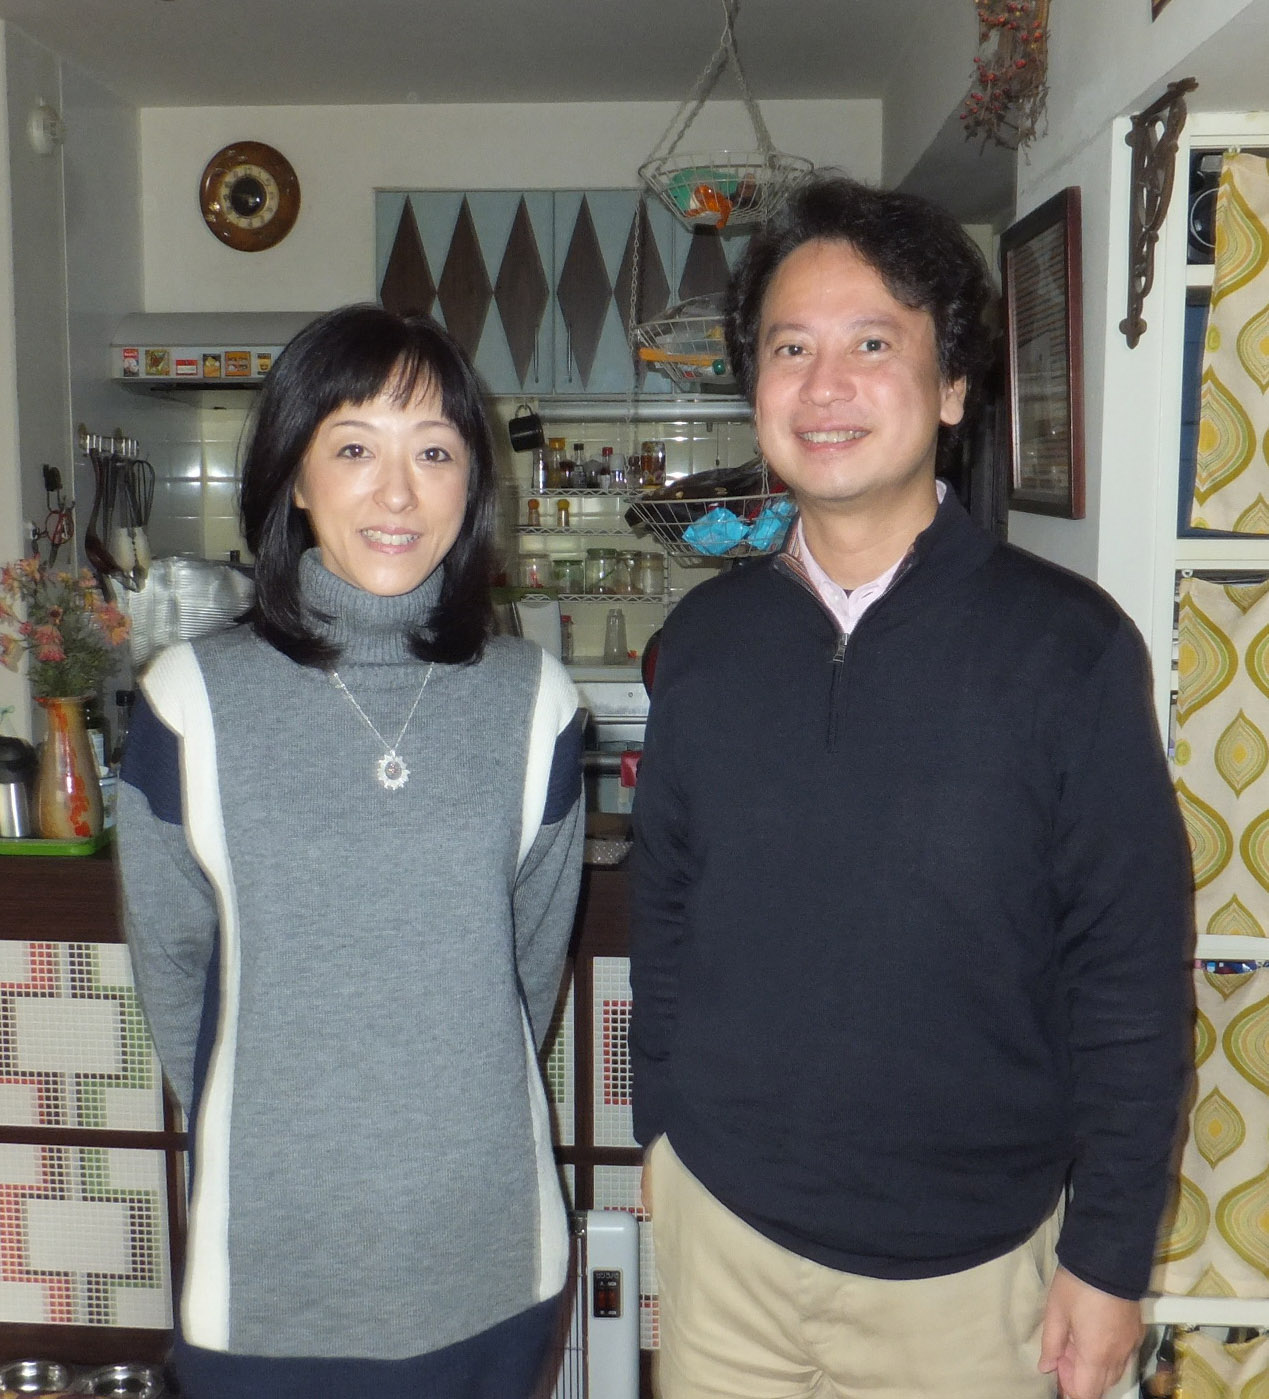 宇治眞美さんと柴山弘文